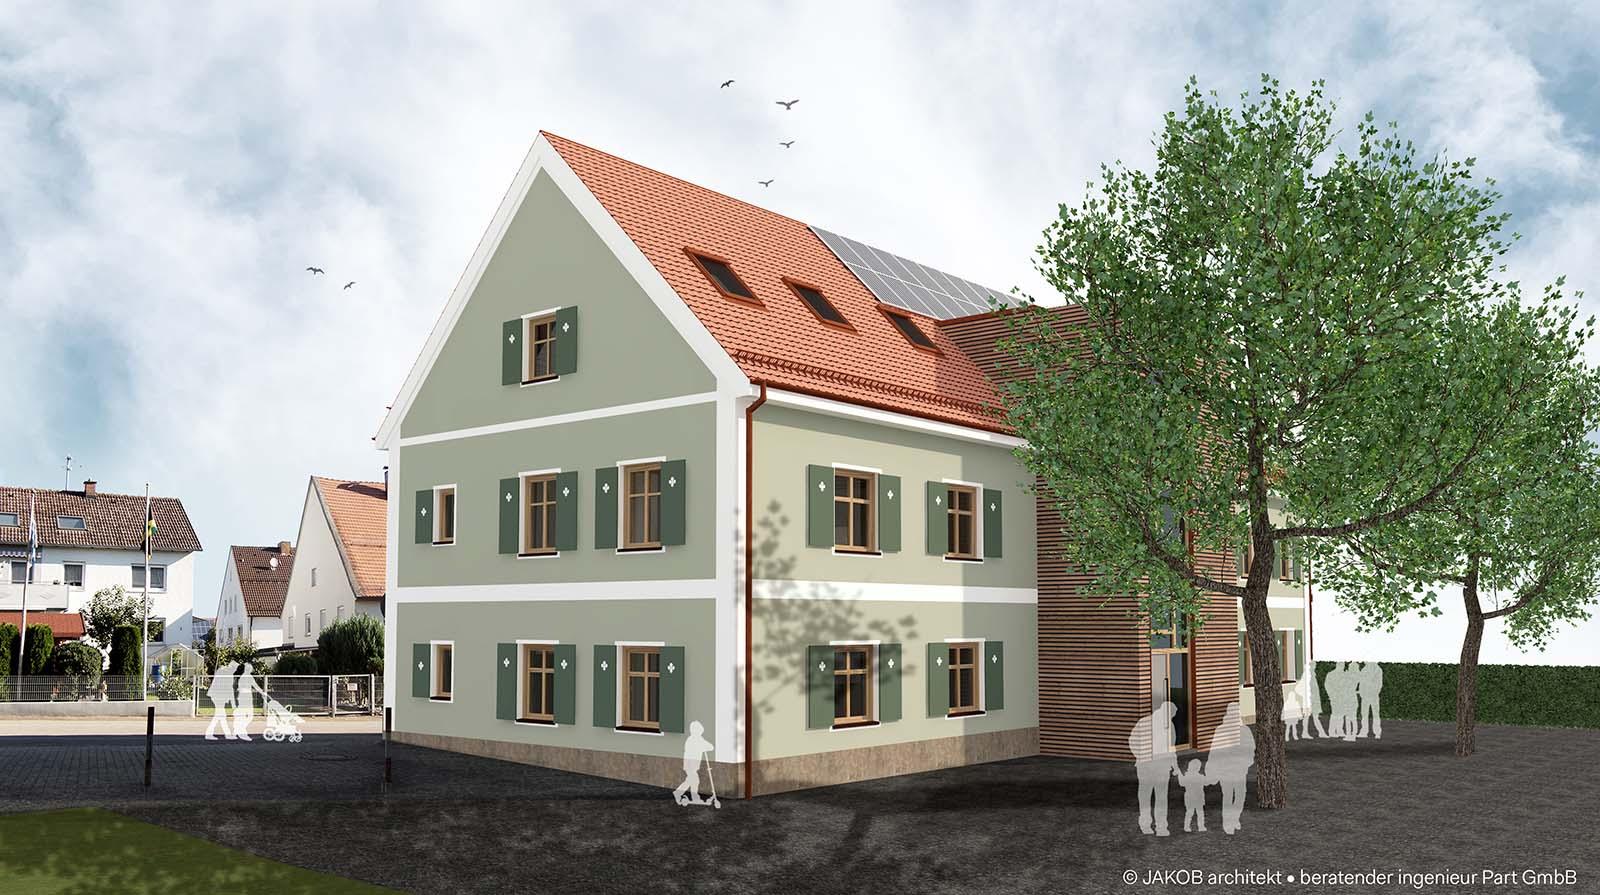 Erwin-Bürzle-Haus, Tiefenbach